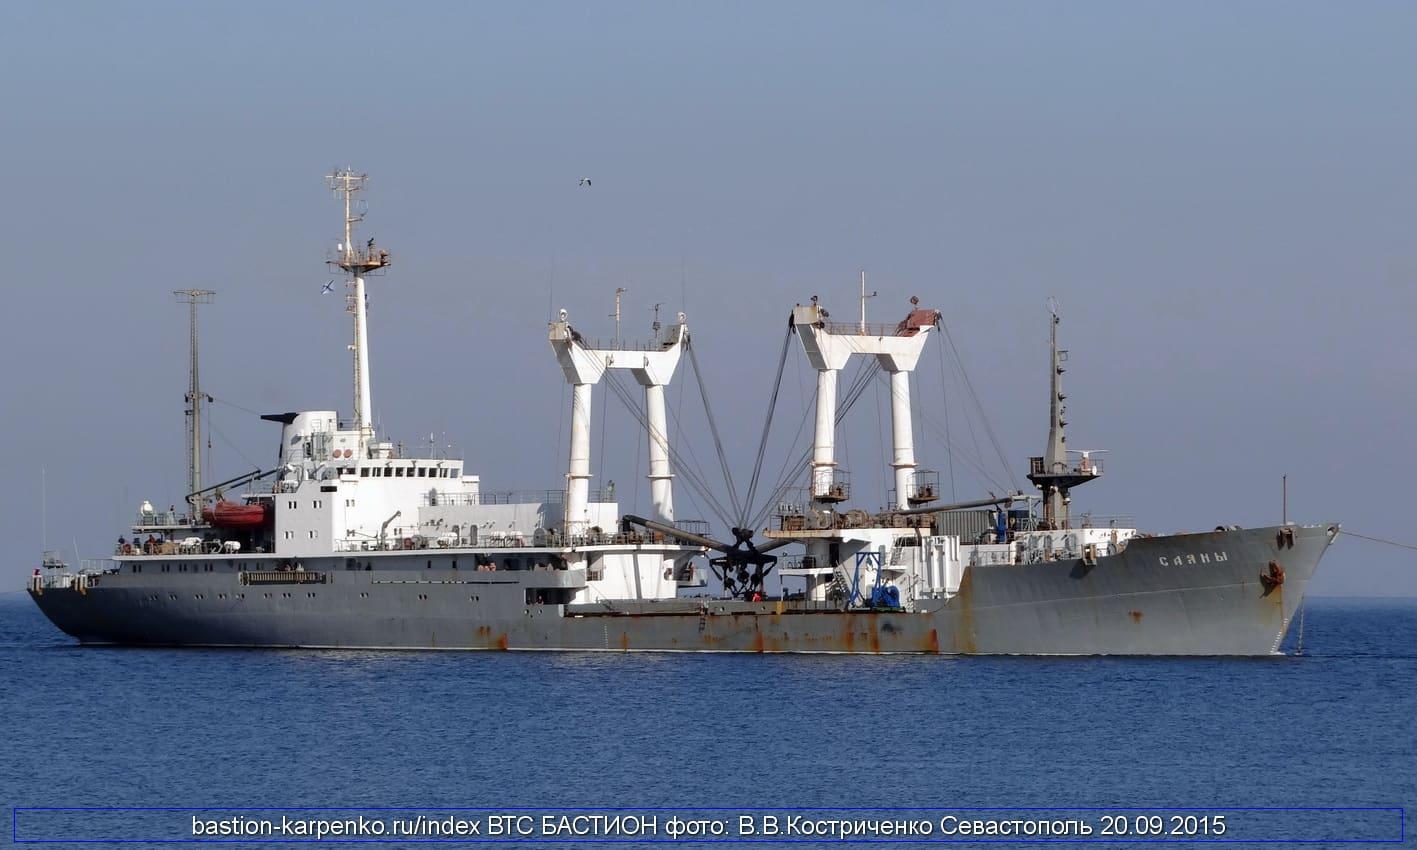 Рятувальне судно проекту 05361 «Саяны»